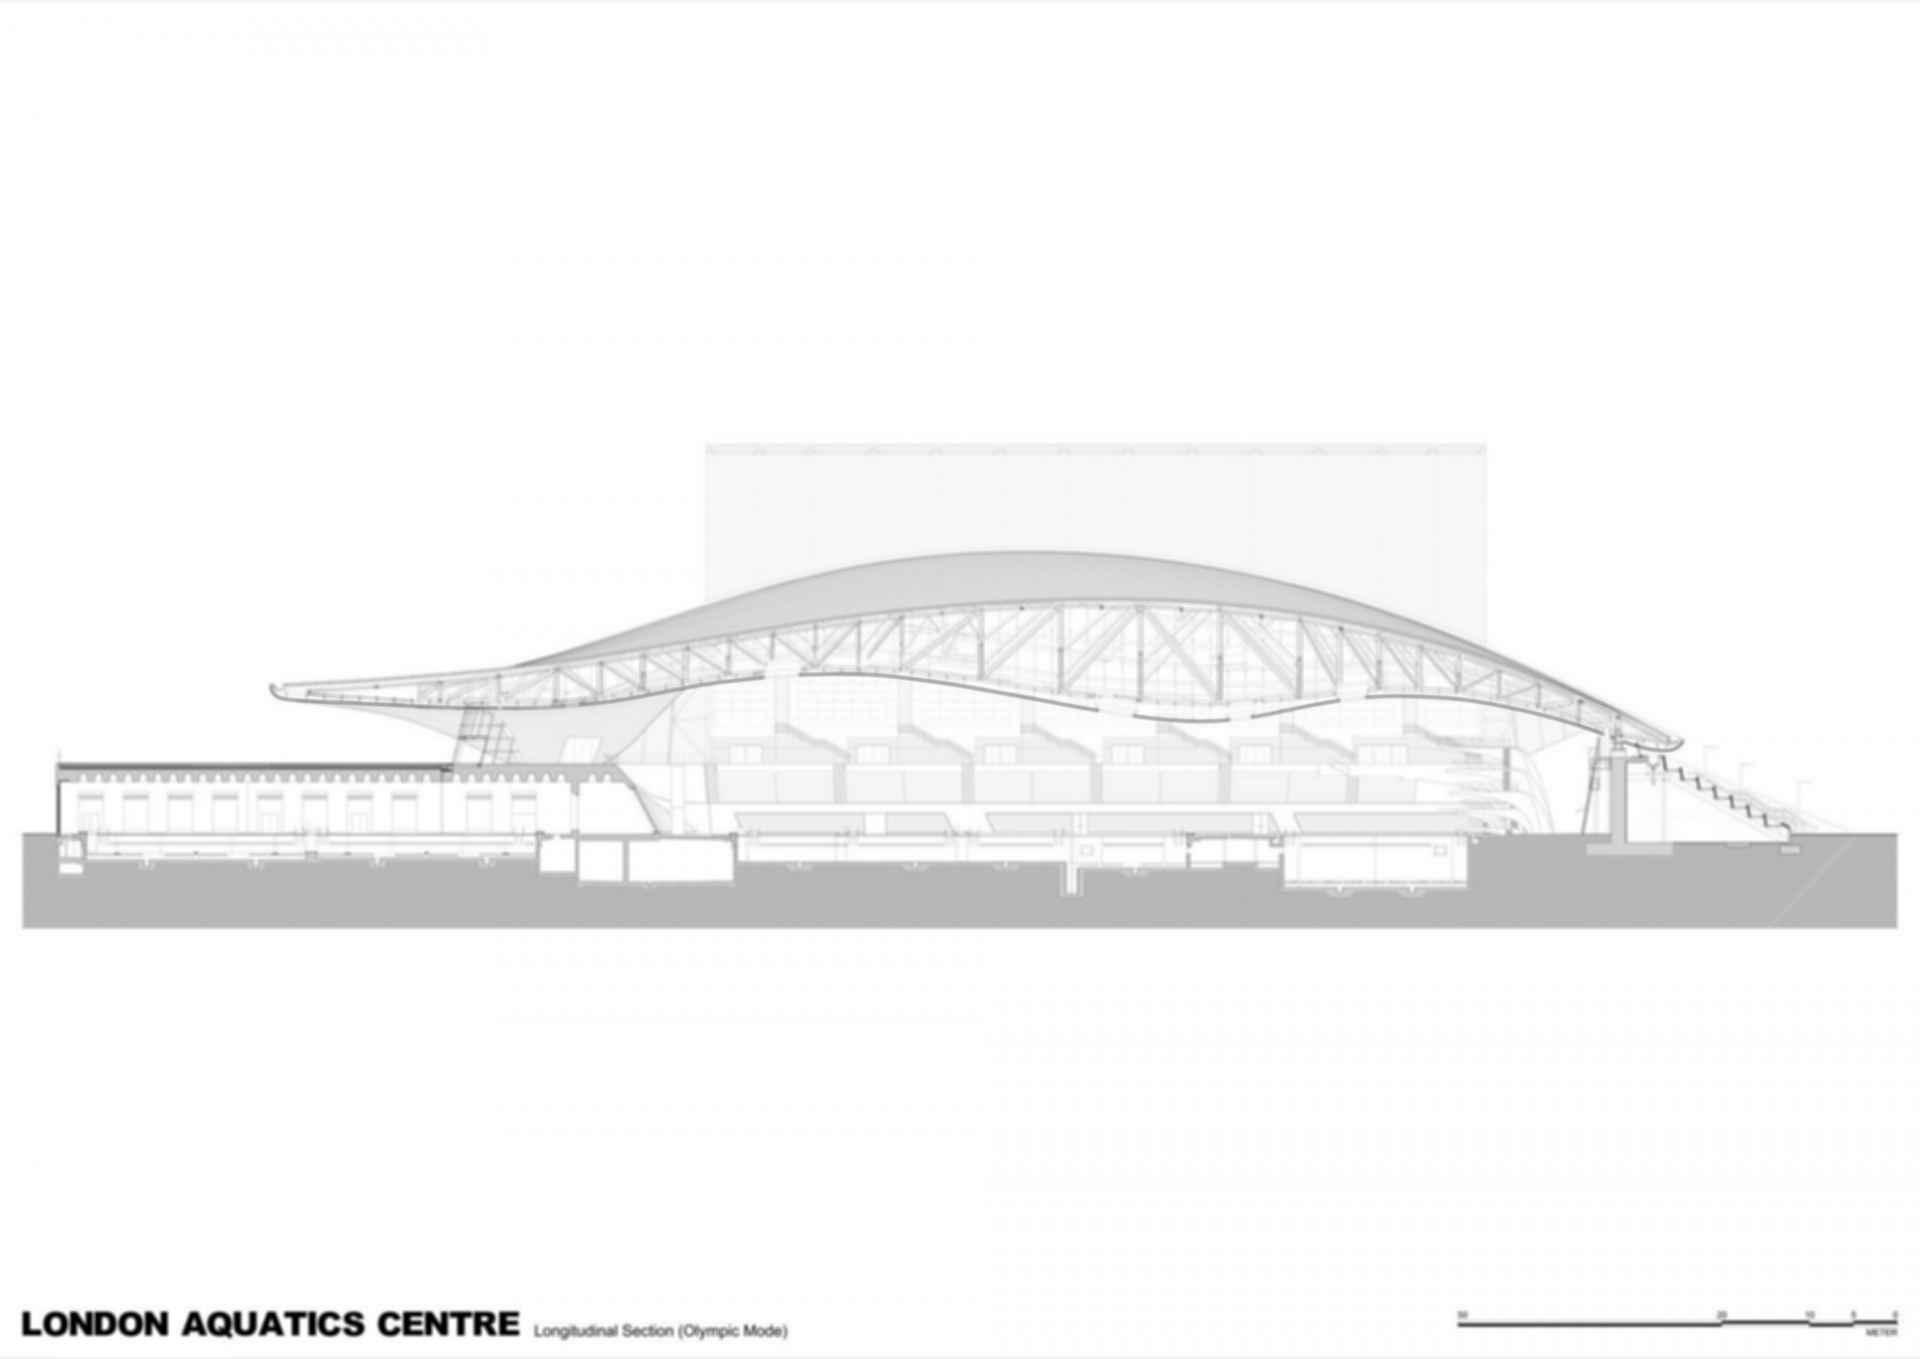 London Aquatics Centre - Concept Design